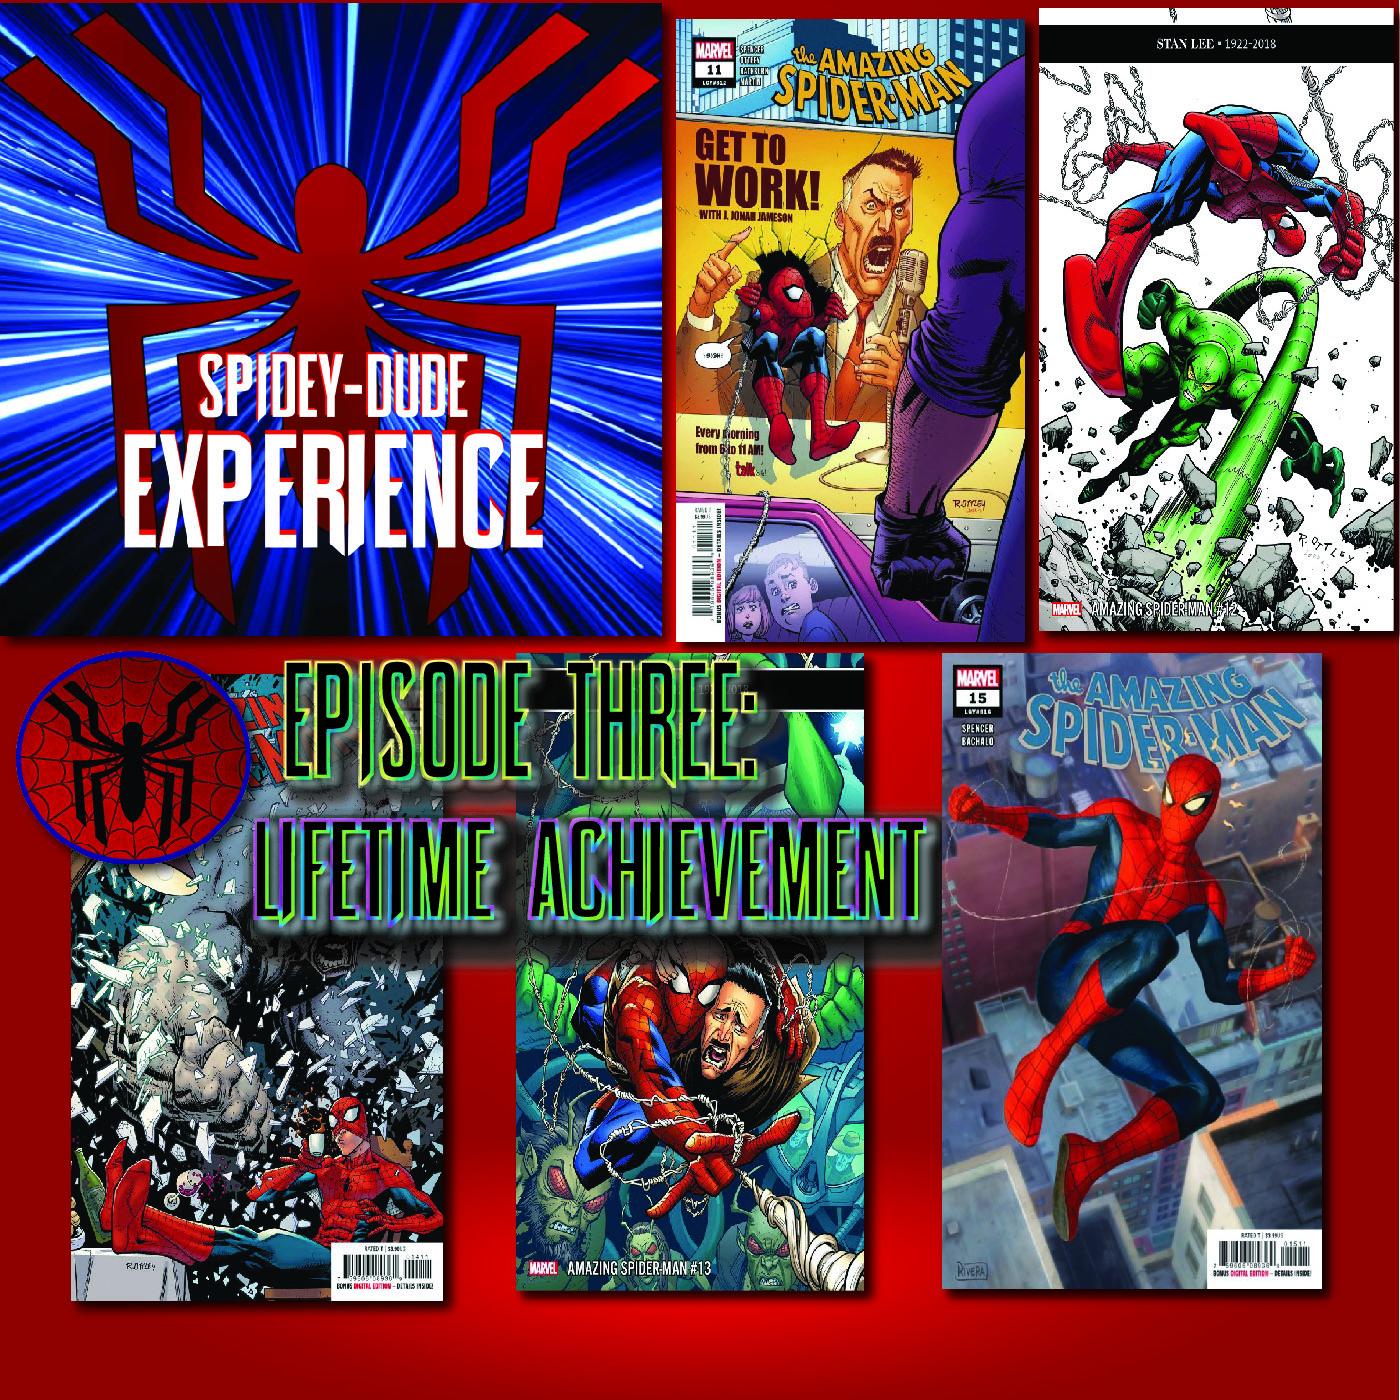 Spideydude Experience Episode 3: Lifetime Achievement (ASM 812-816)